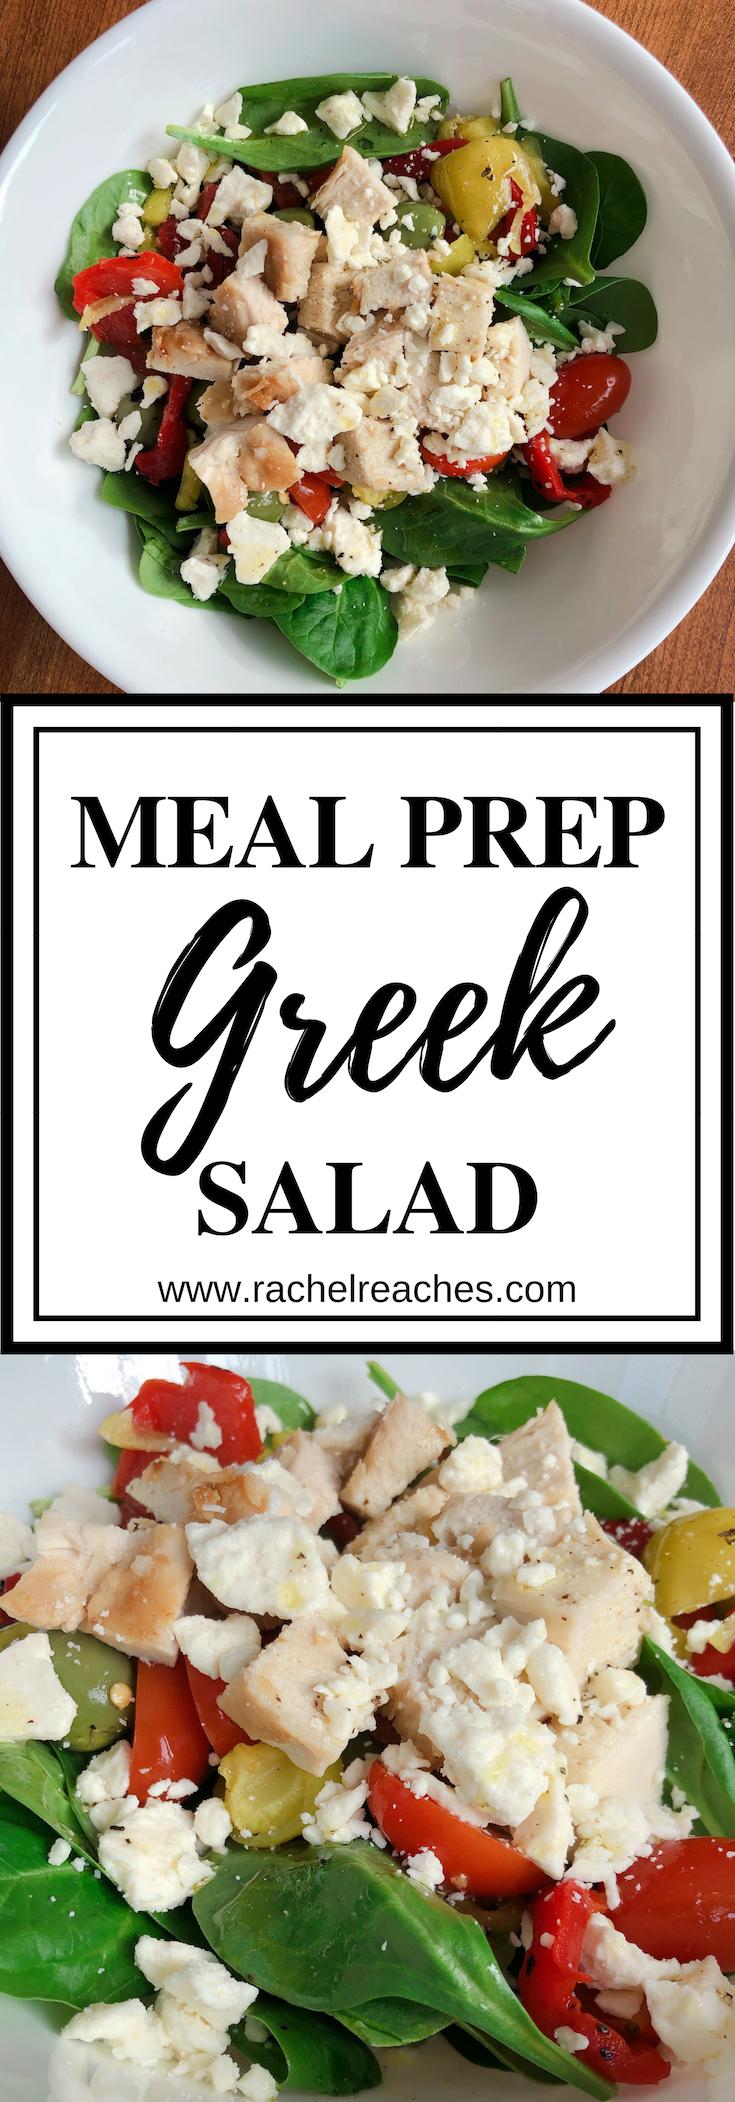 Greek Salad Pin - Healthy Eating.png